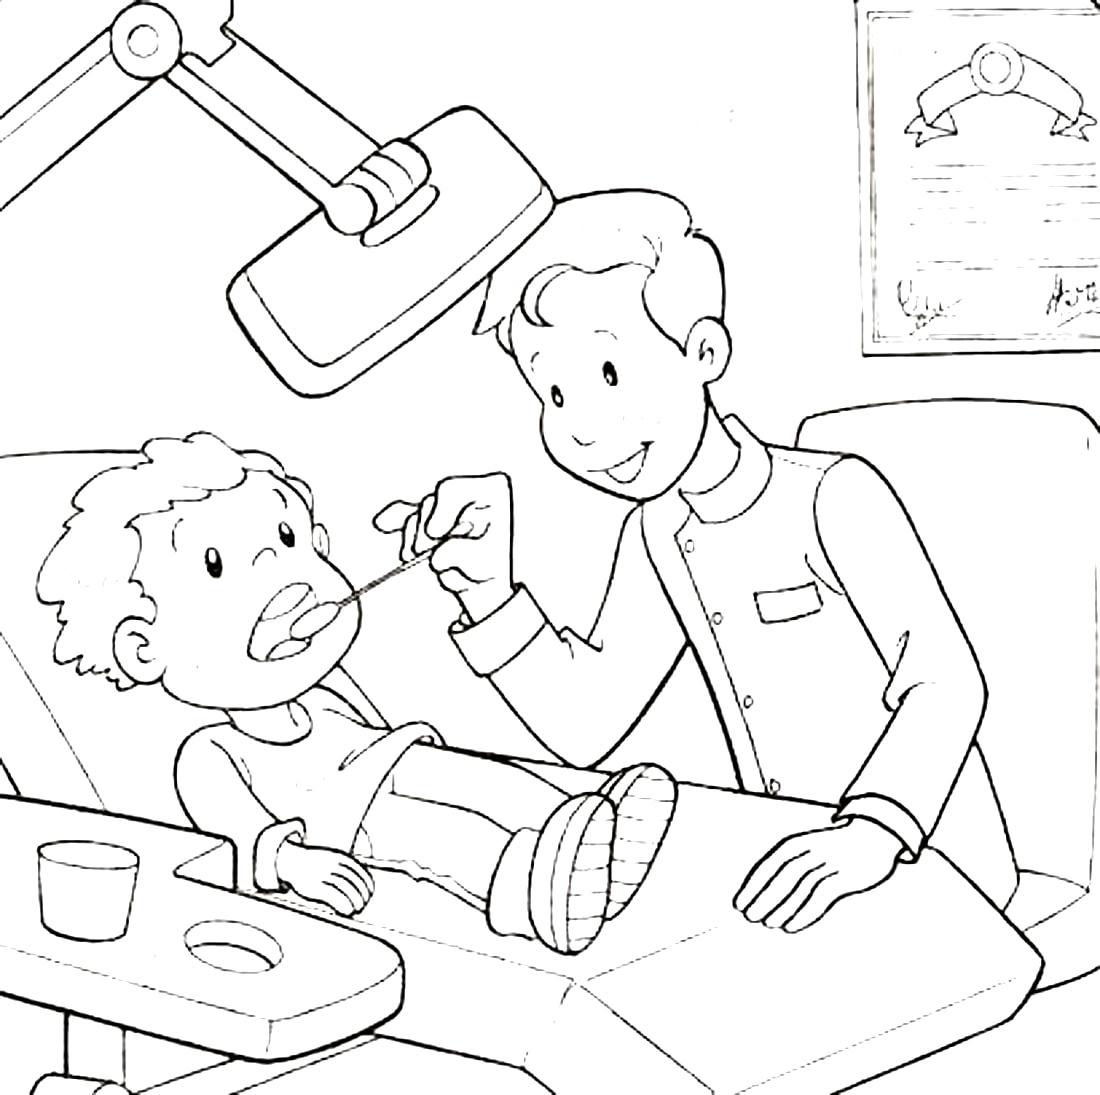 Стоматология для детей картинки с пояснением распечатать